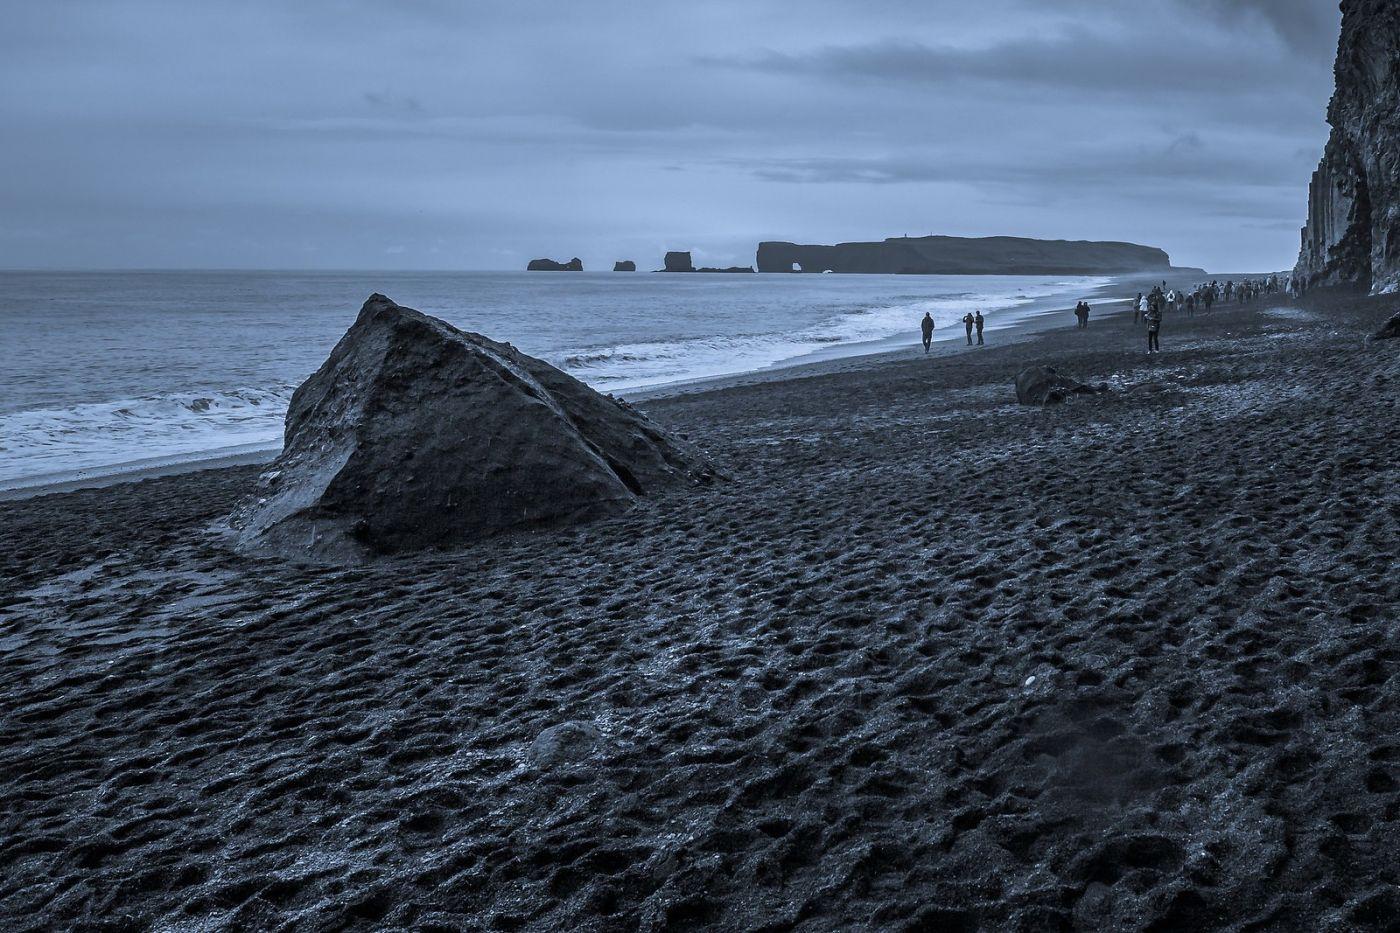 冰岛雷尼斯法加拉黑沙滩(Reynisfjara Black Sand Beach)_图1-14